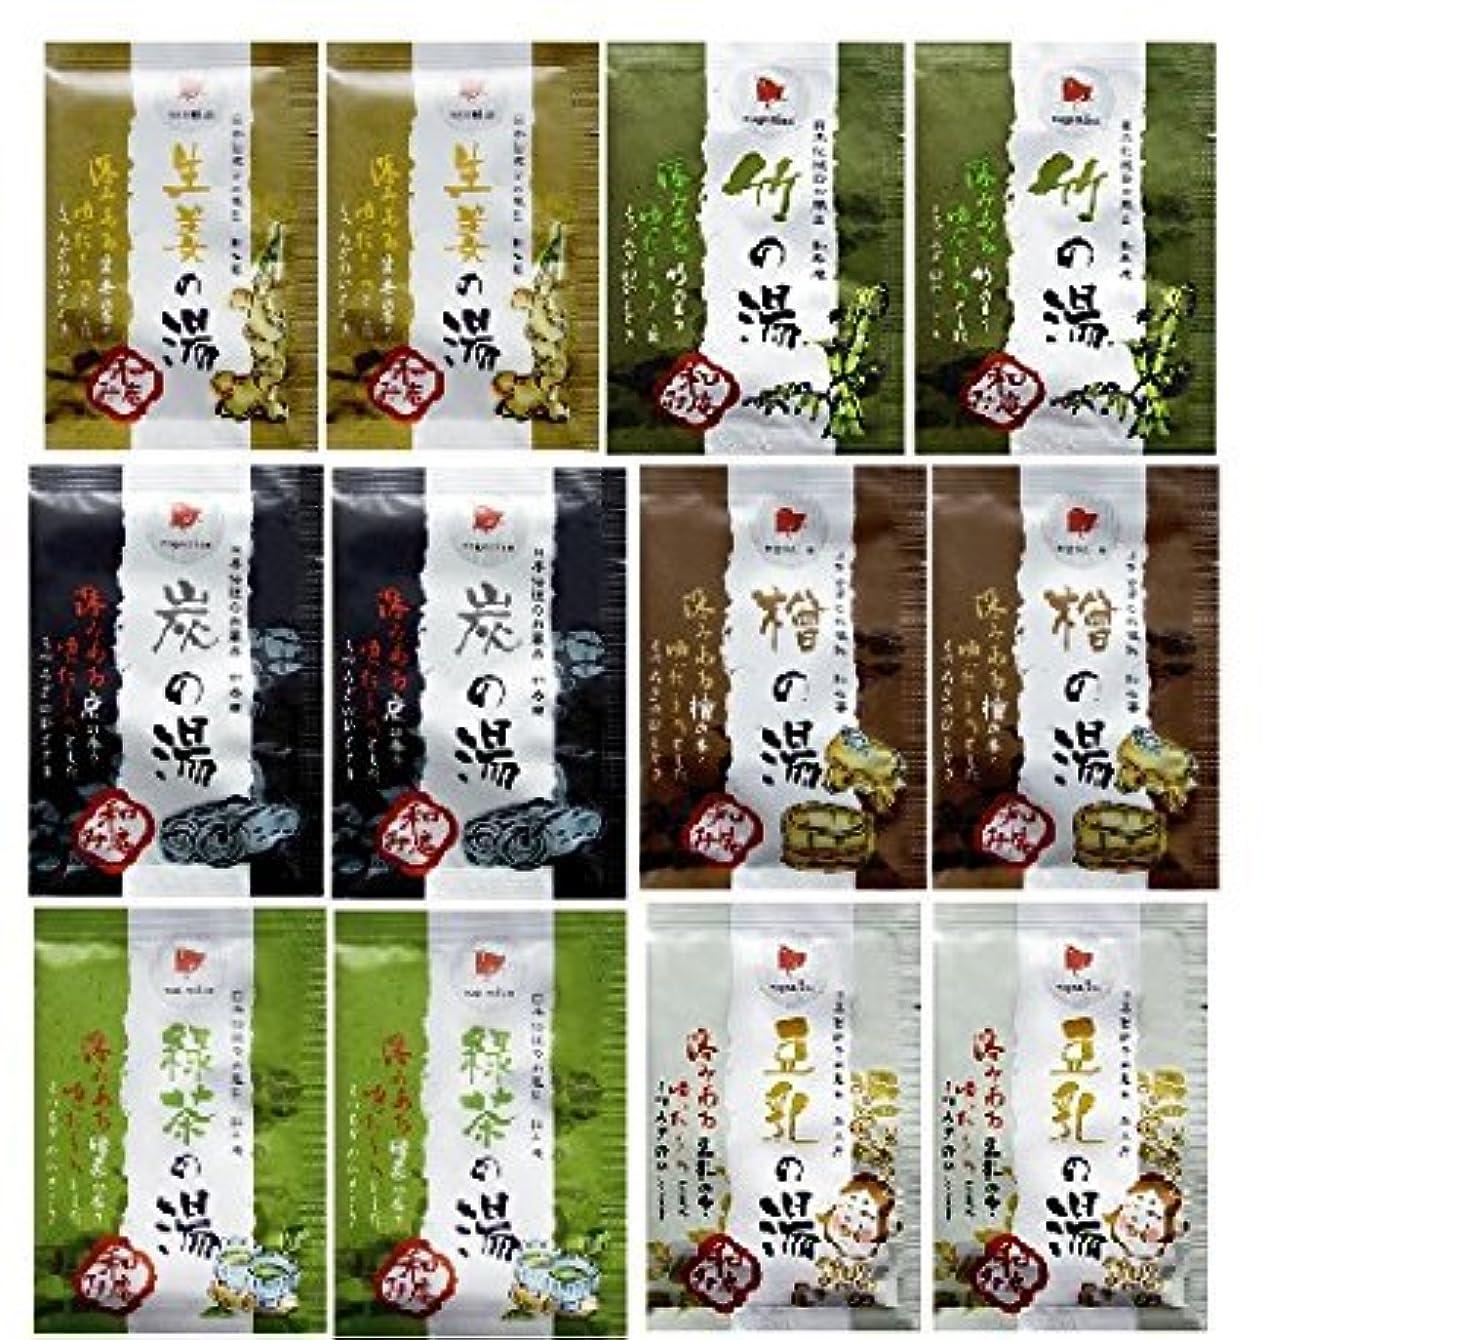 聴覚宙返り彼の日本伝統のお風呂 和み庵 6種類×2 12包